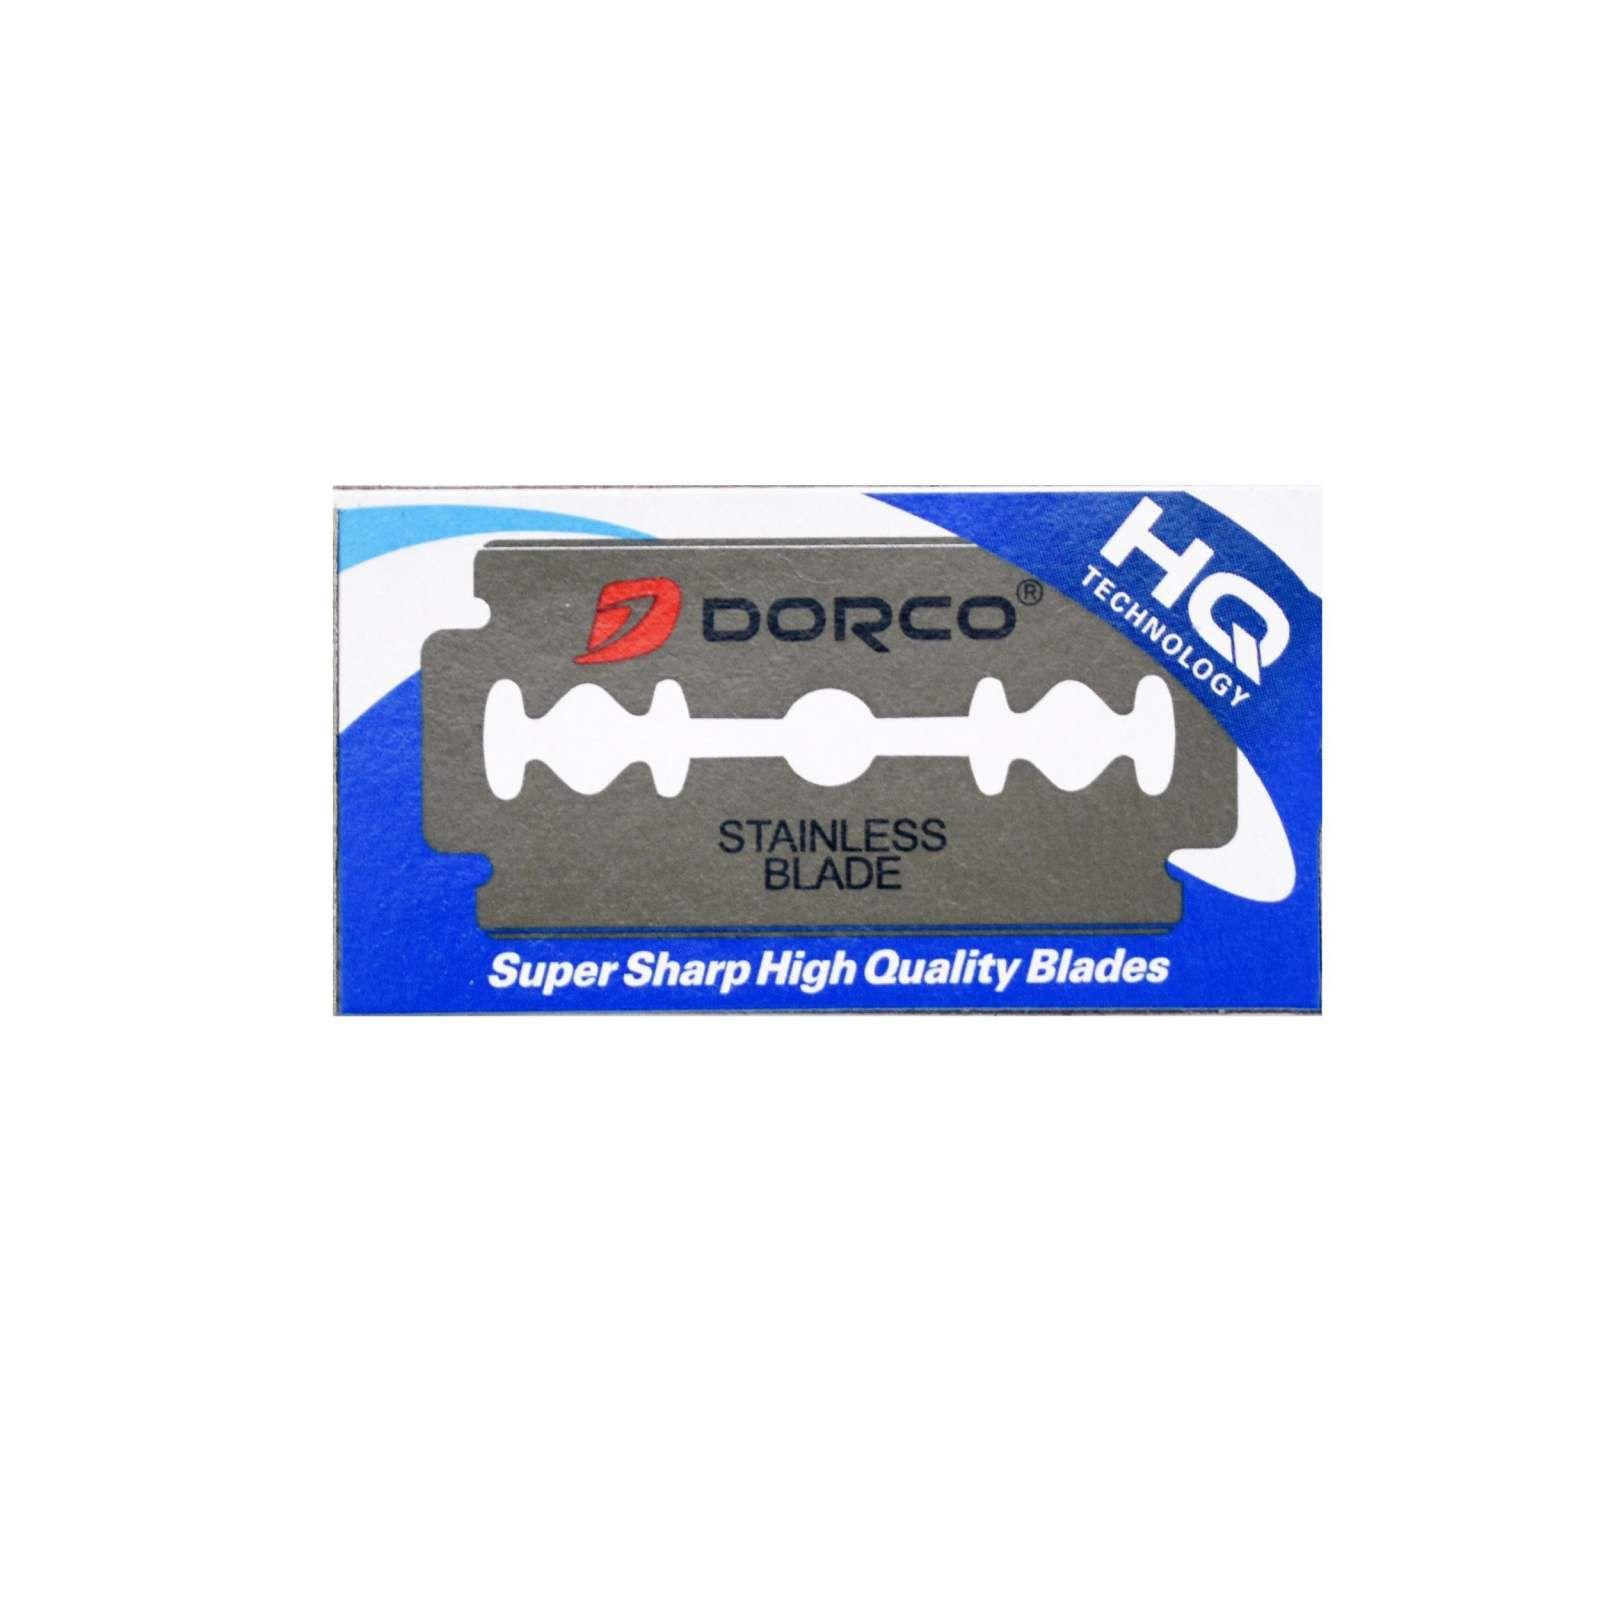 تیغ یدک دورکو مدل HQ-22 مجموعه 6 عددی -  - 3